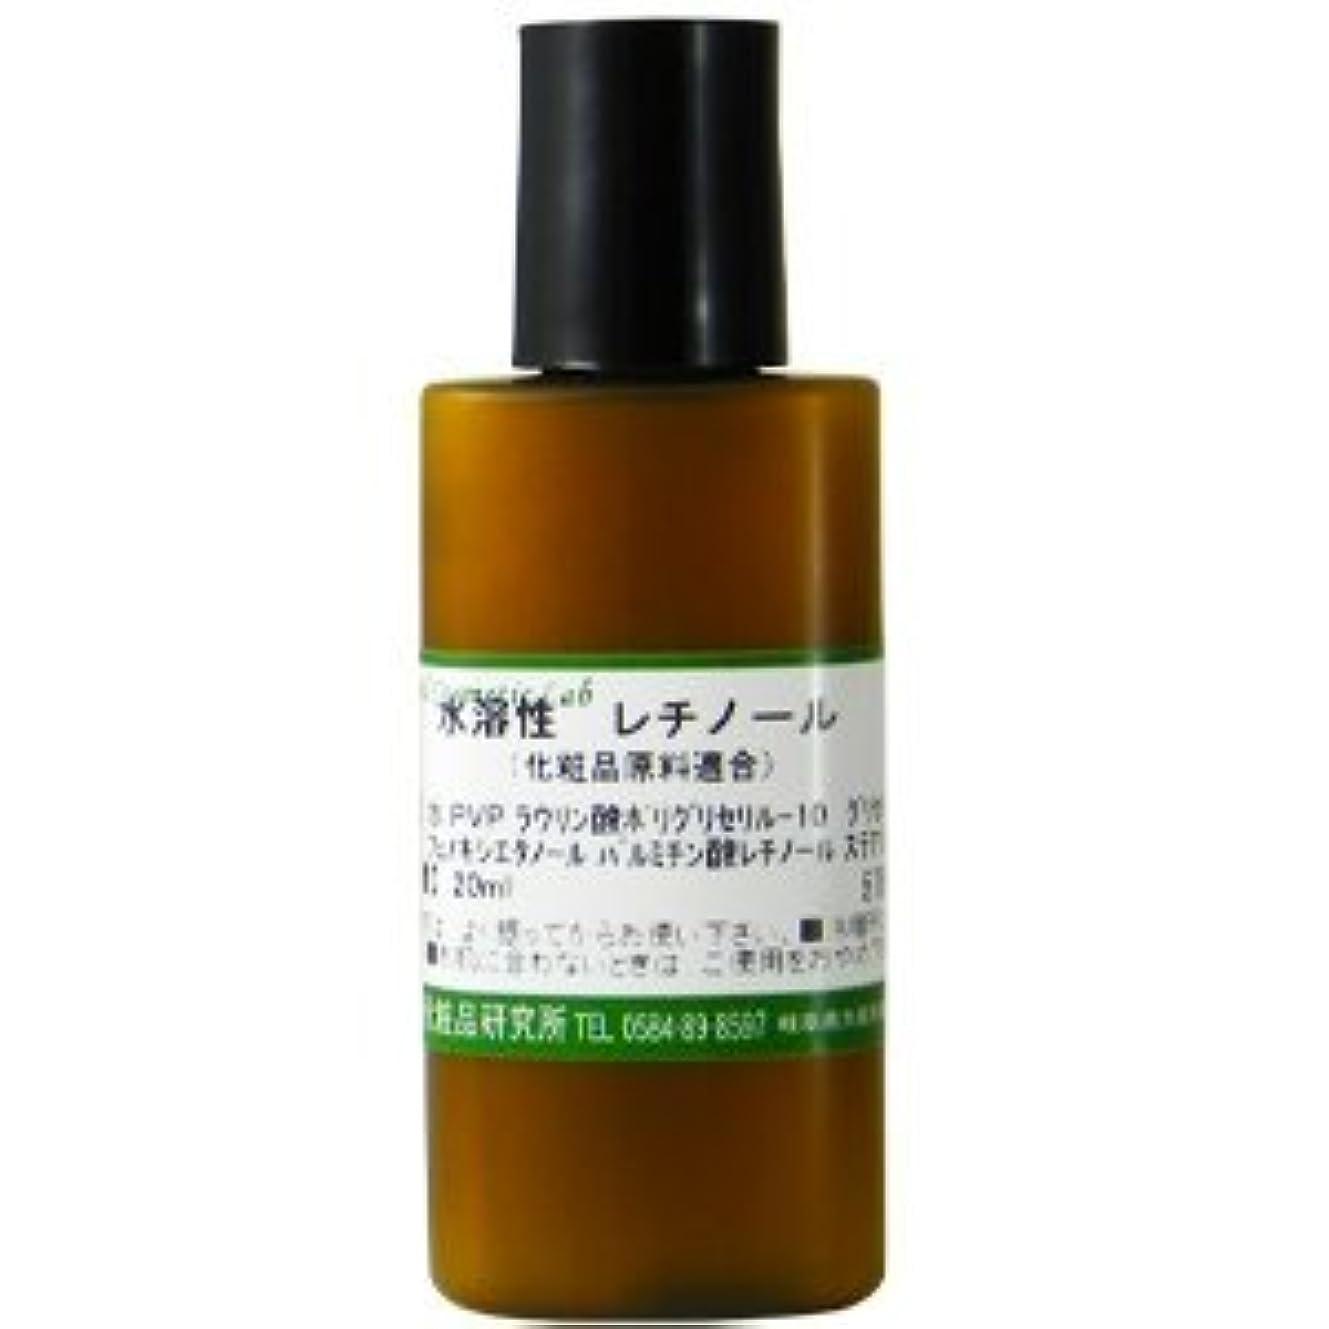 褐色原告流暢水溶性 レチノール 化粧品原料 20ml